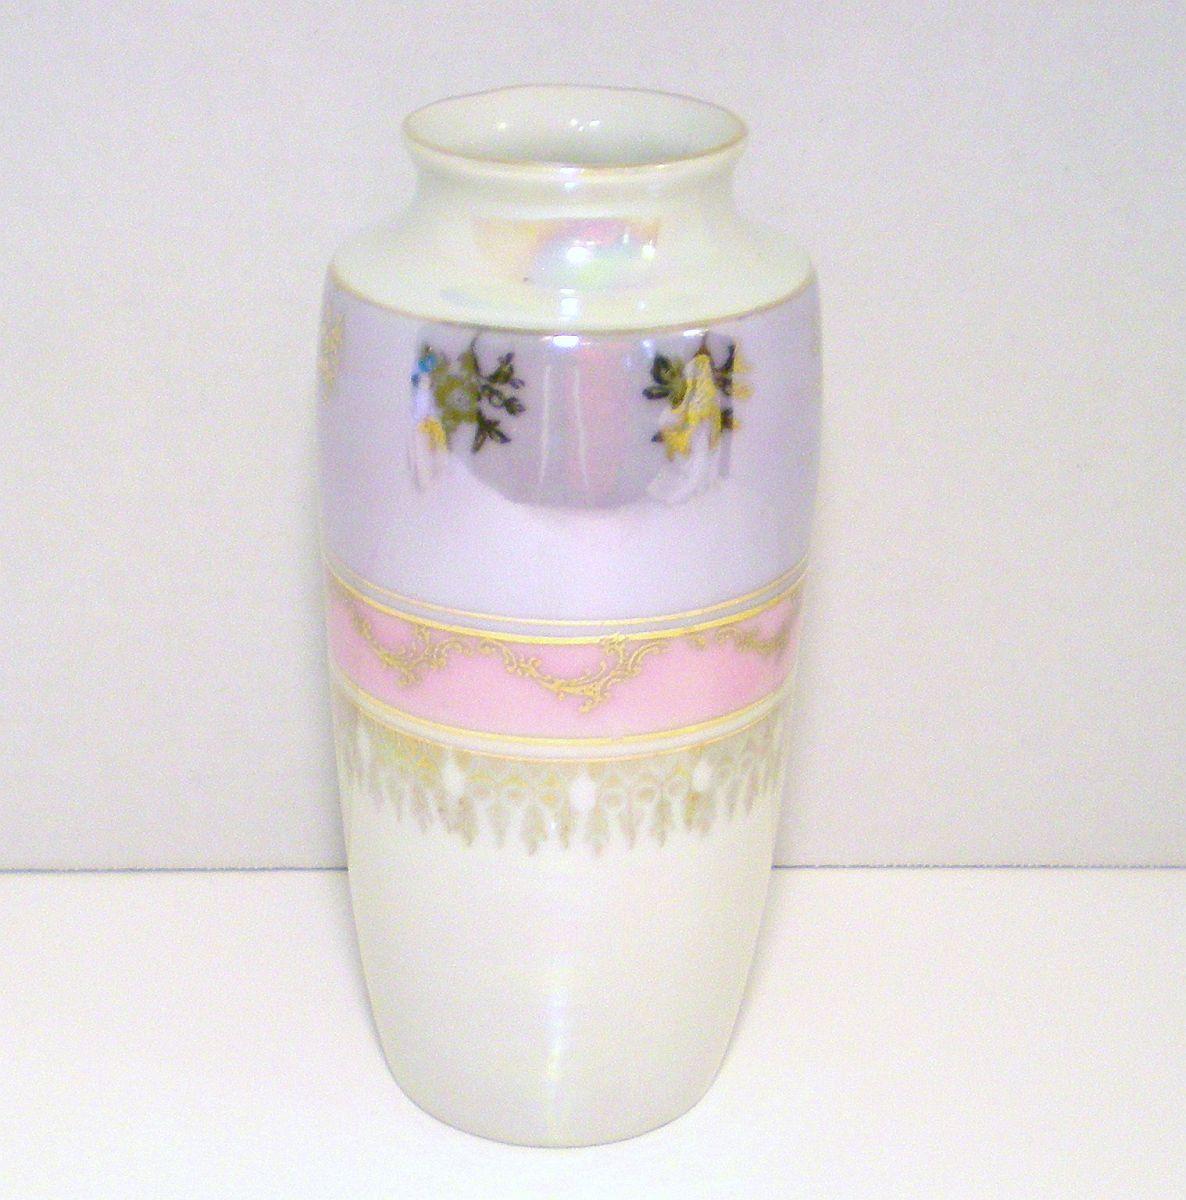 Image 1 of Porcelain ceramic vase Germany blue pink gold trim high glaze